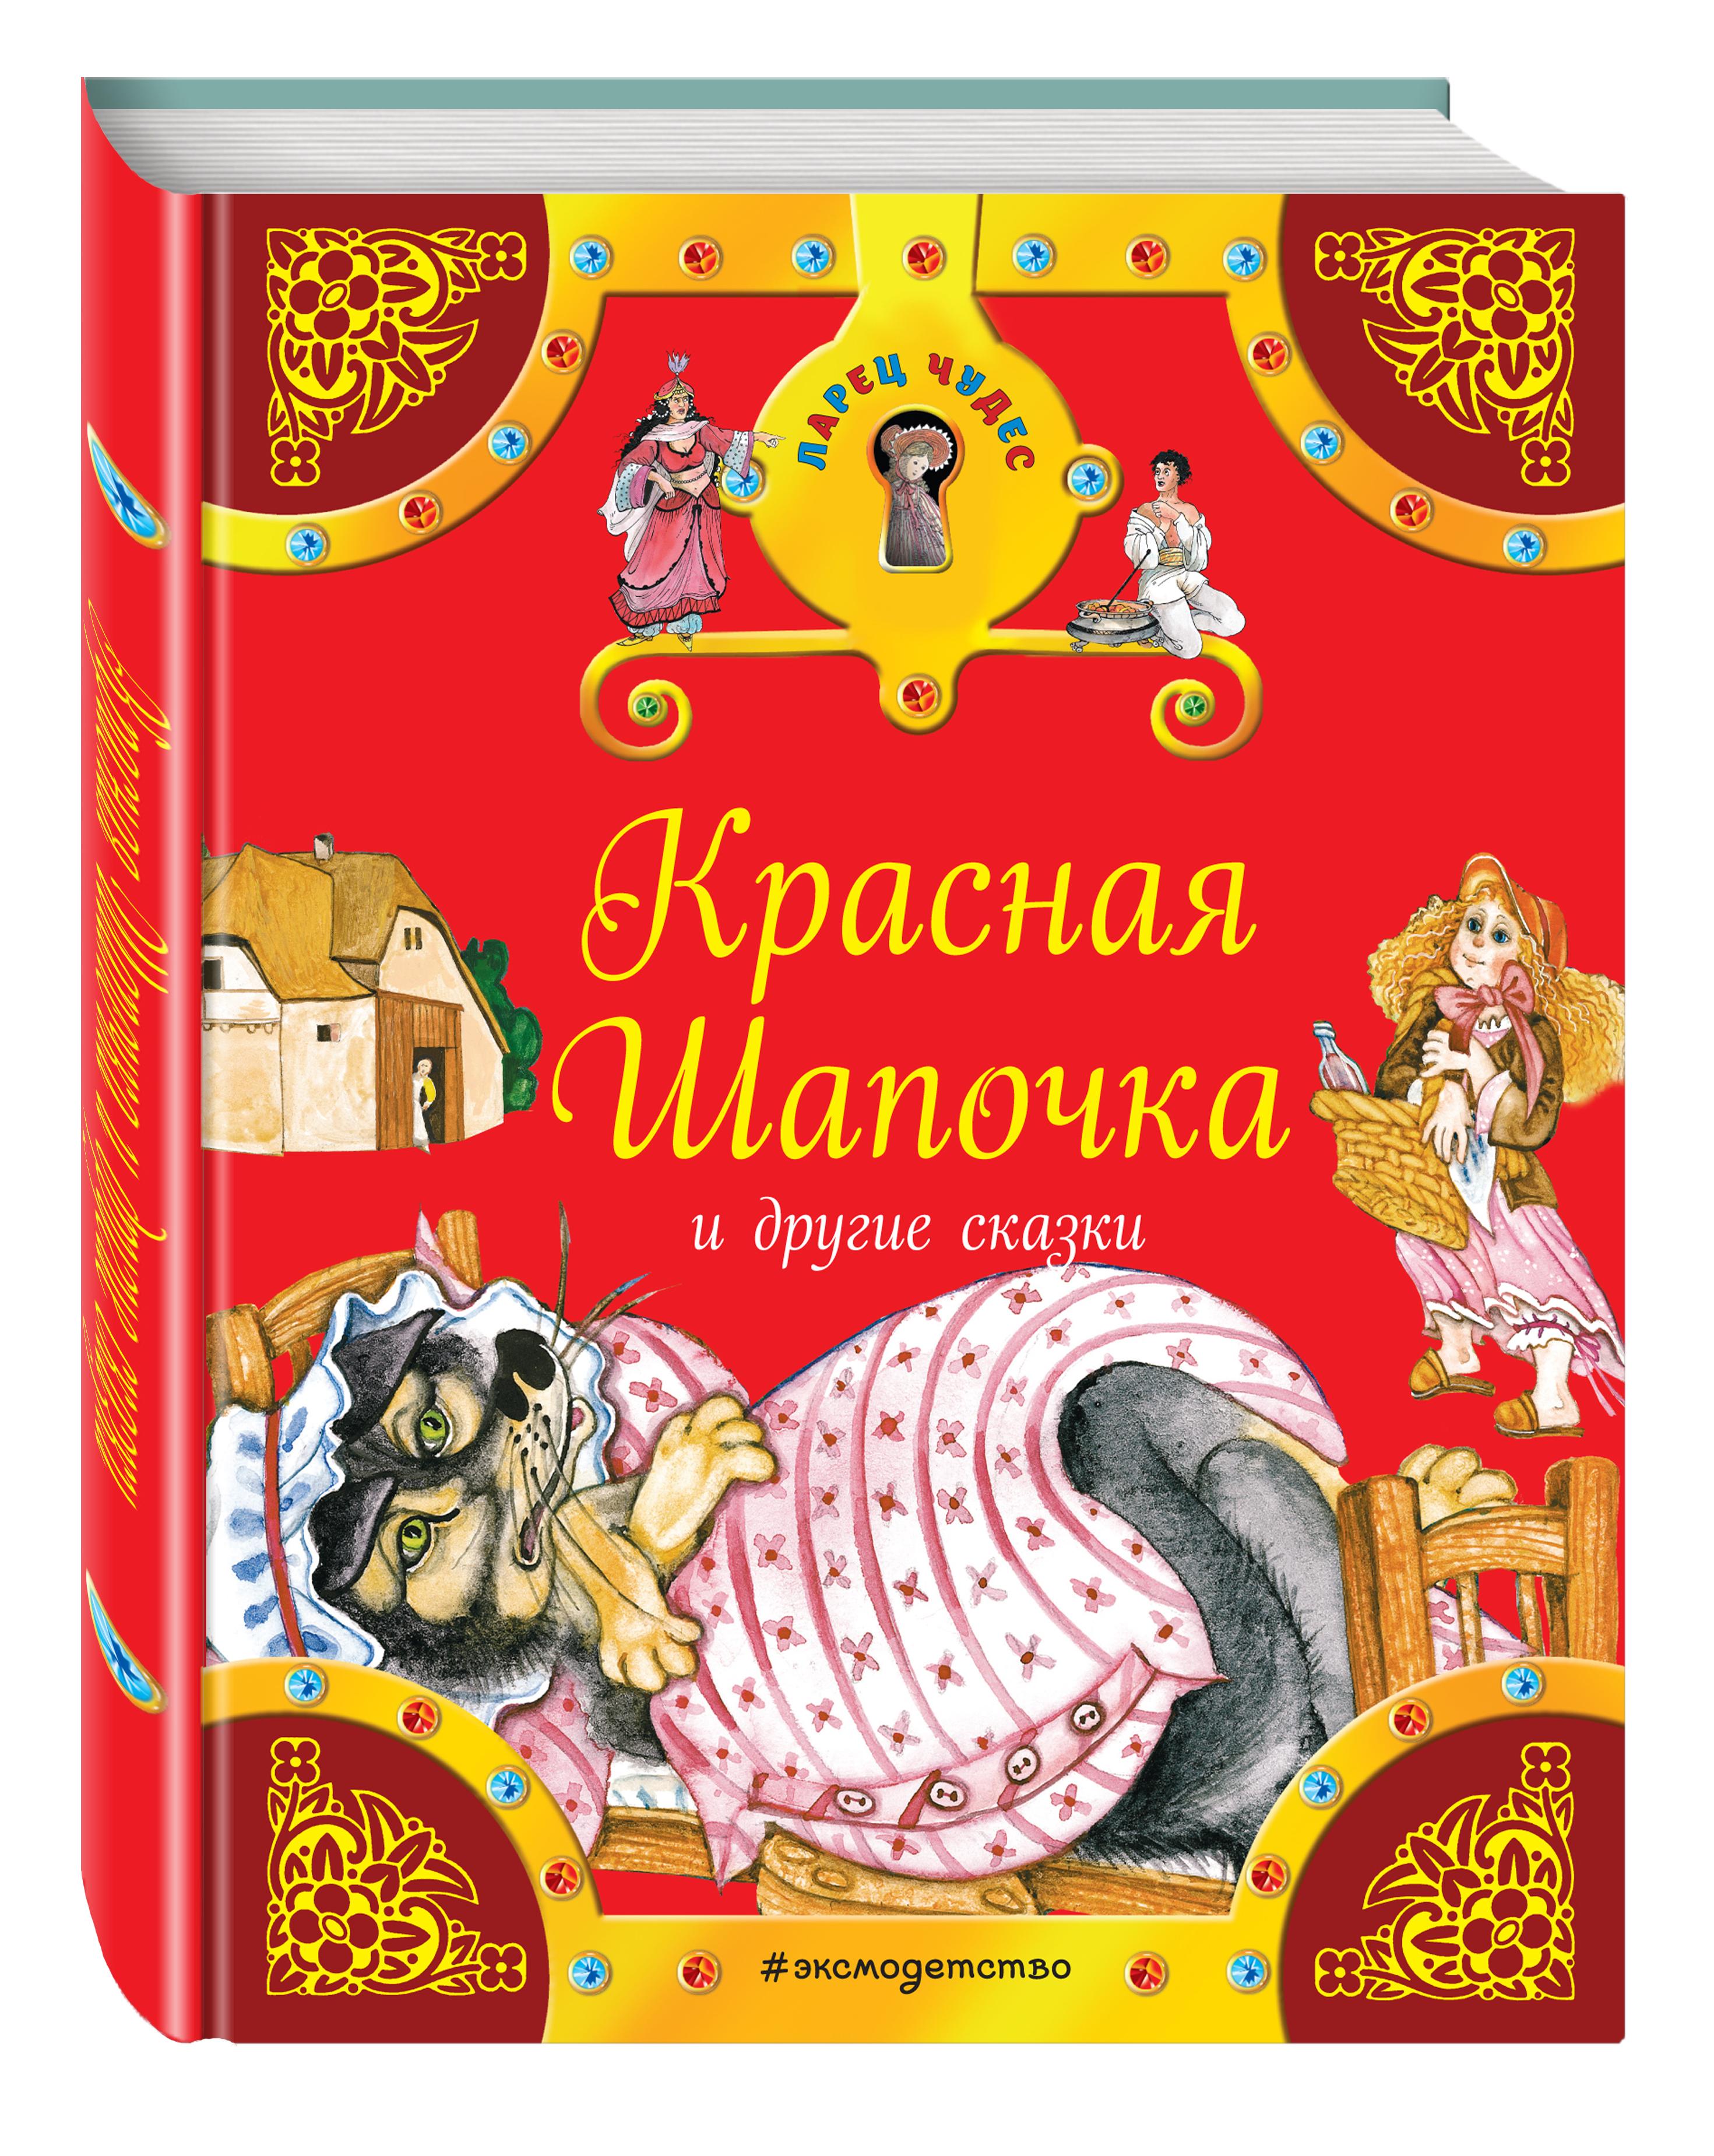 Дюймовочка и другие сказки (комплект из трех книг) слингобусы ti amo мама слингобусы алба